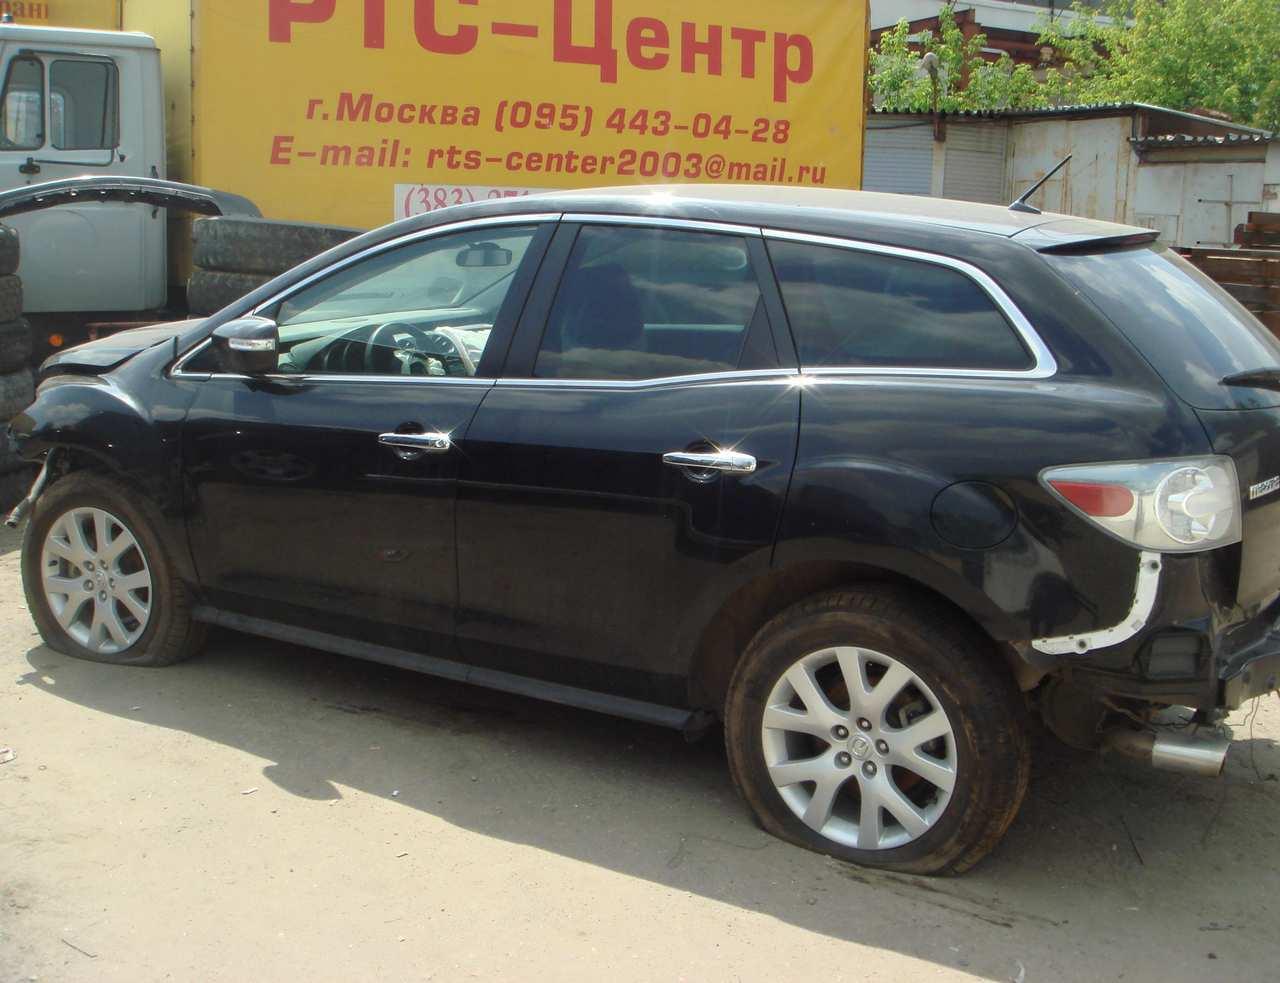 Used 2009 Mazda Cx 7 Pics 2 3 Gasoline Automatic For Sale